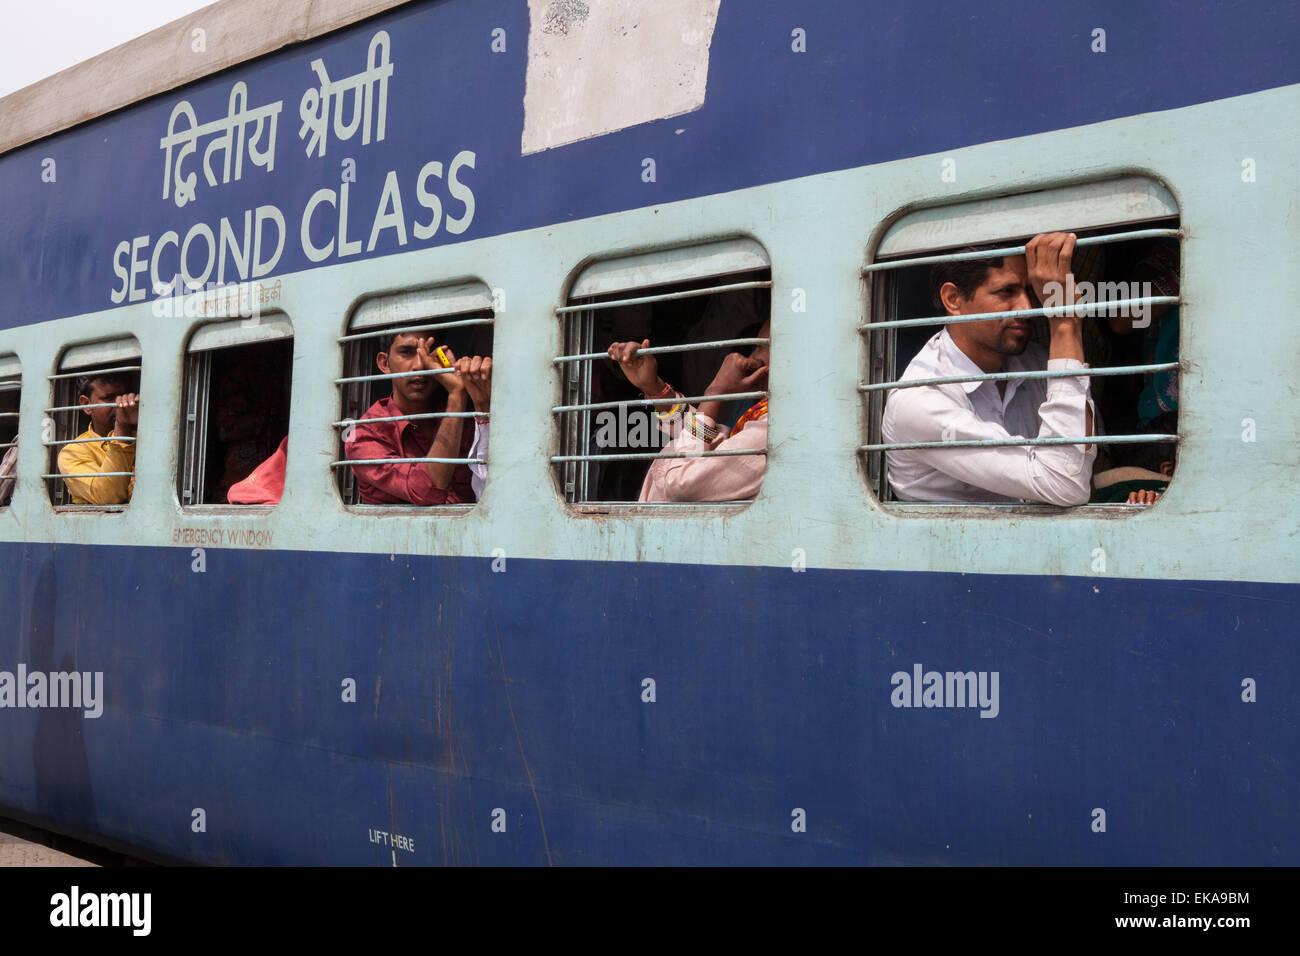 I passeggeri in una seconda classe carrozza ferroviaria in India Immagini Stock